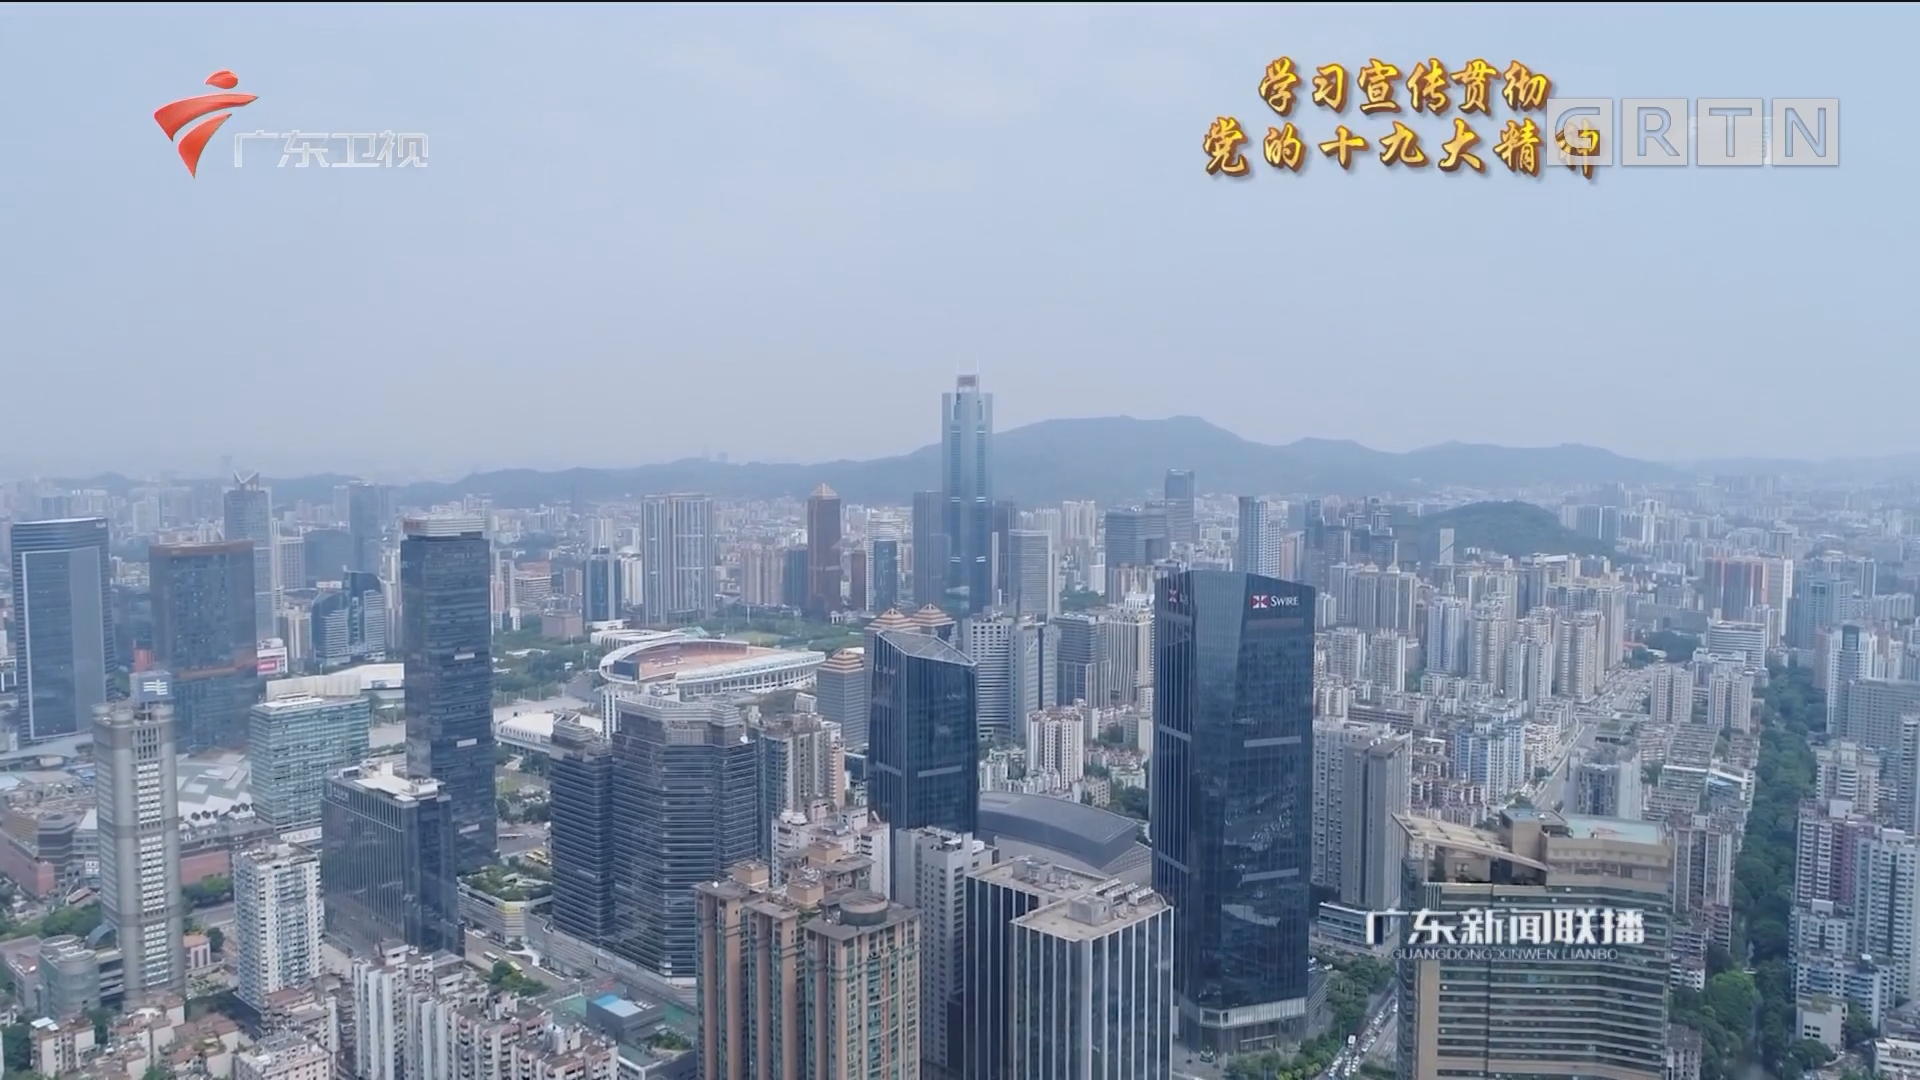 广州:优化营商环境 推动创新发展